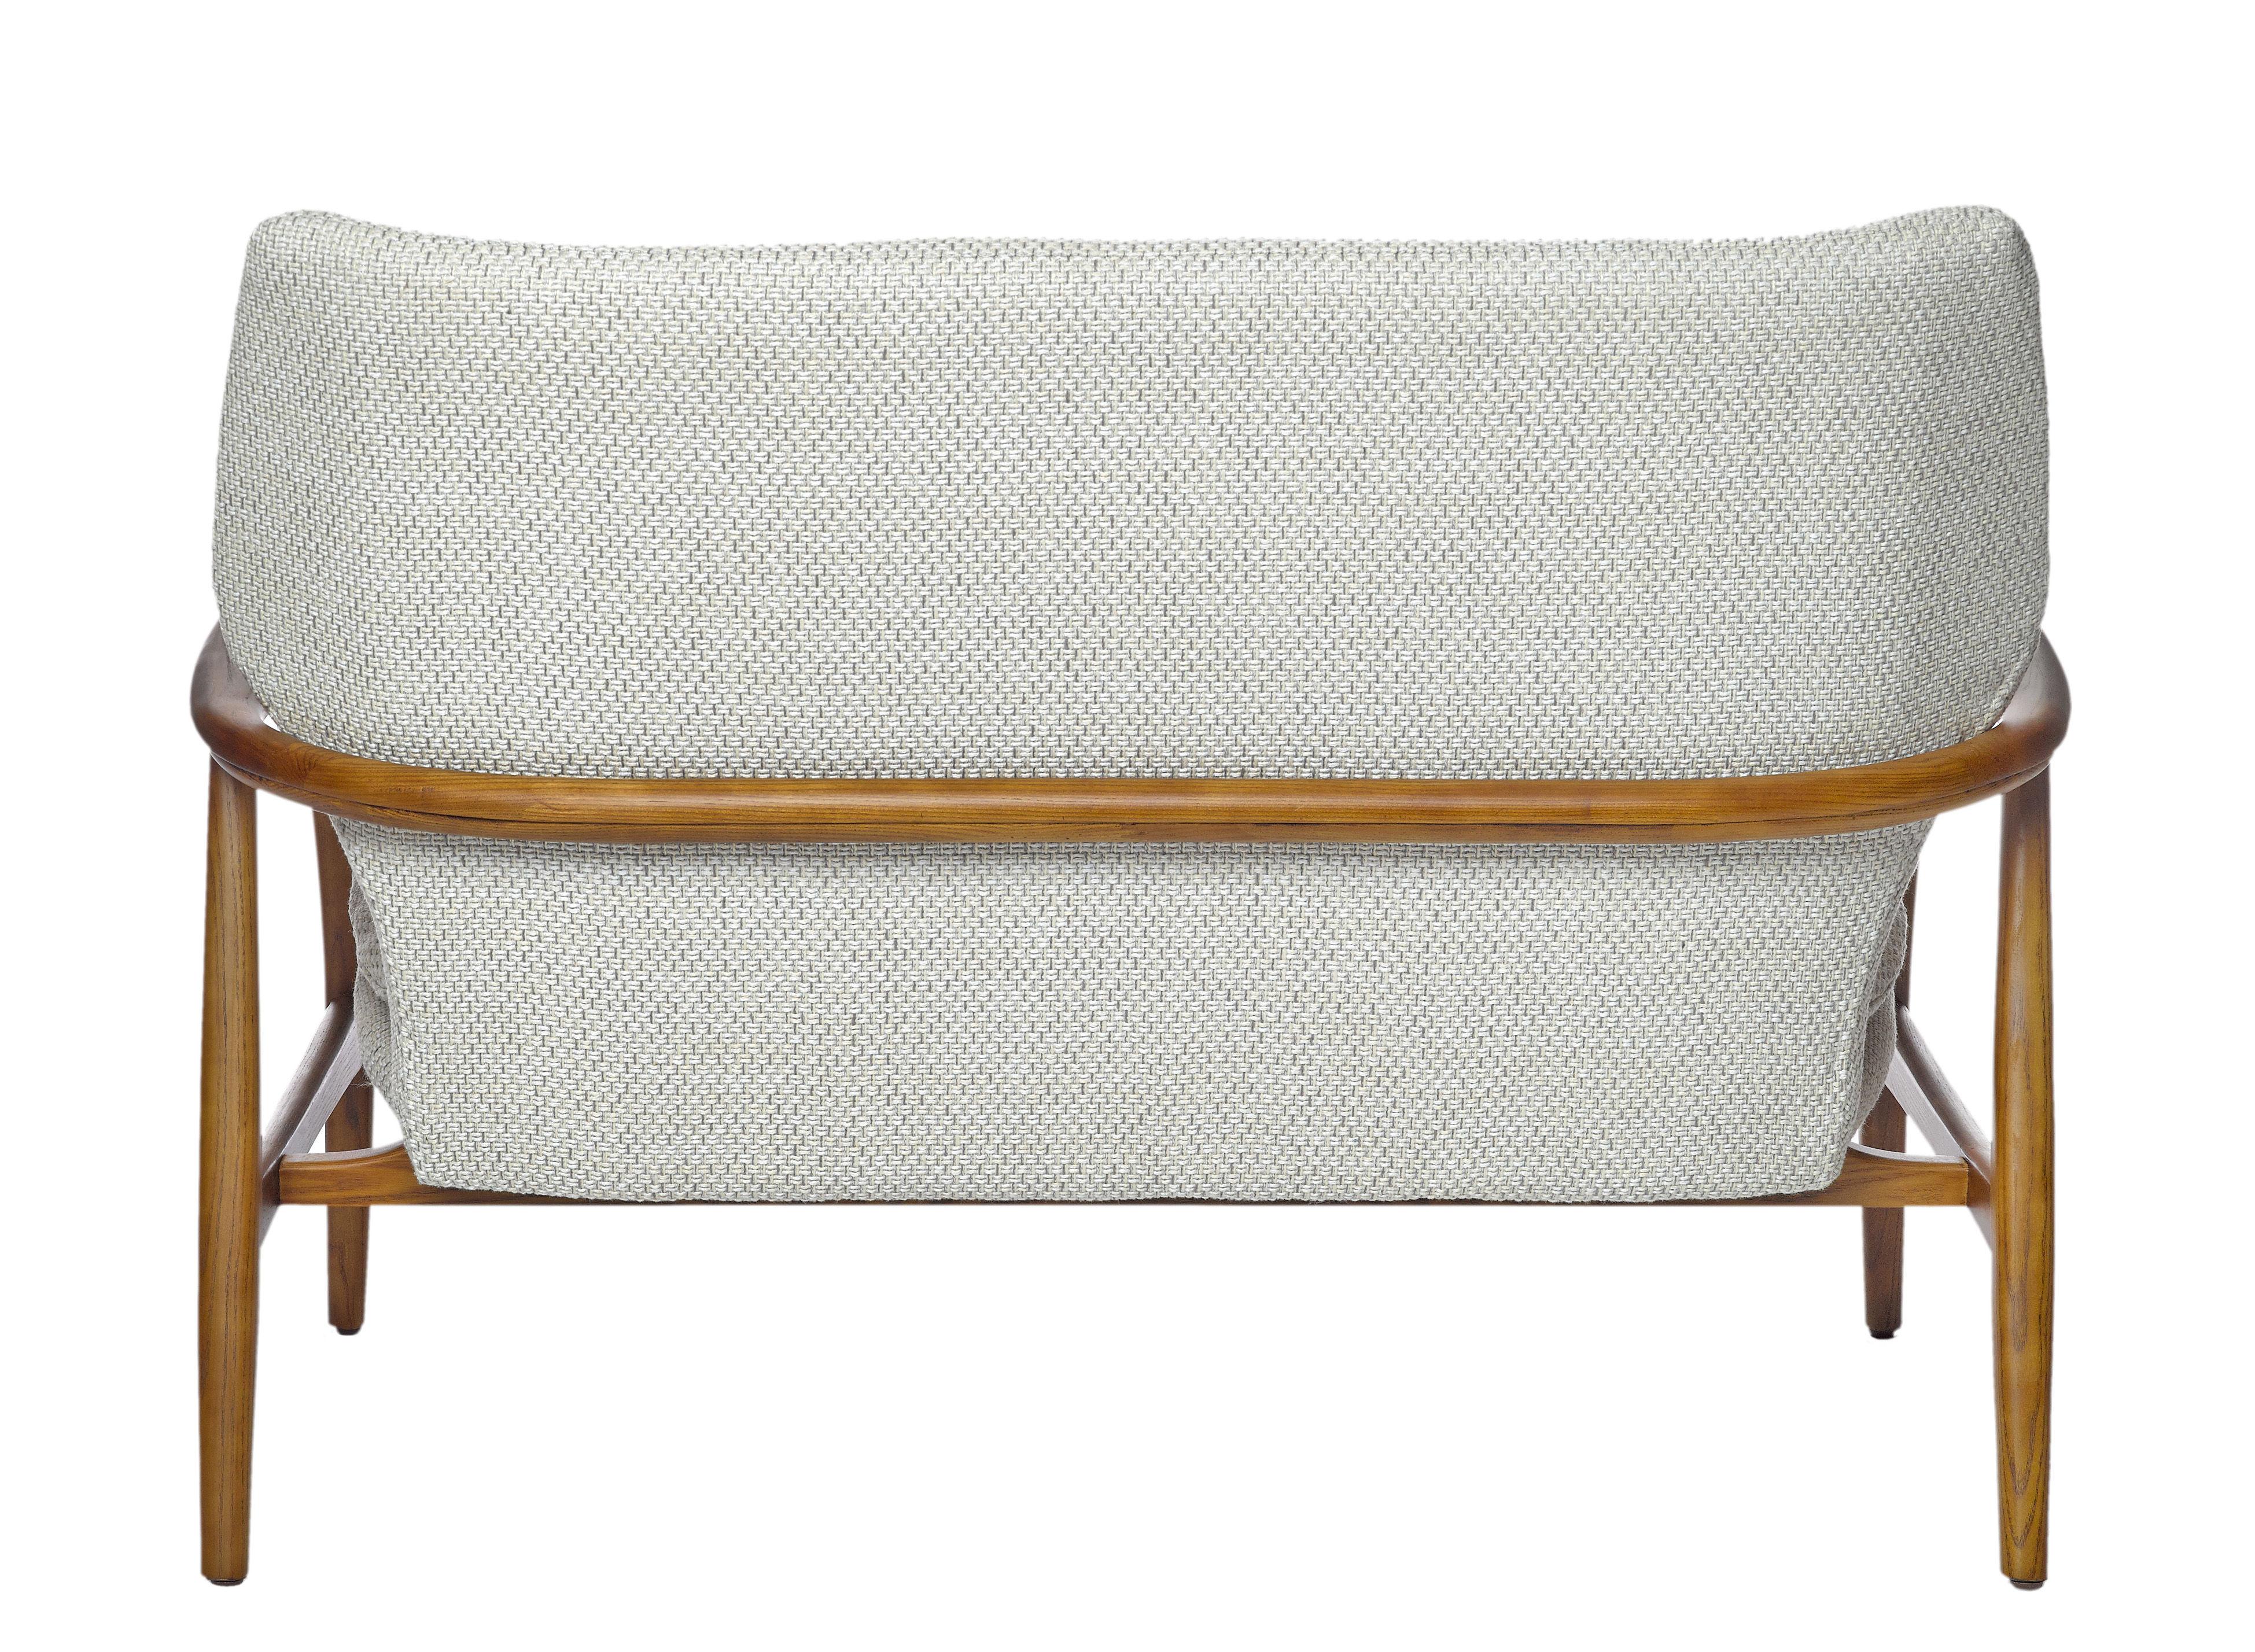 canap droit peggy 2 places l 124 cm ecru bois naturel pols potten. Black Bedroom Furniture Sets. Home Design Ideas